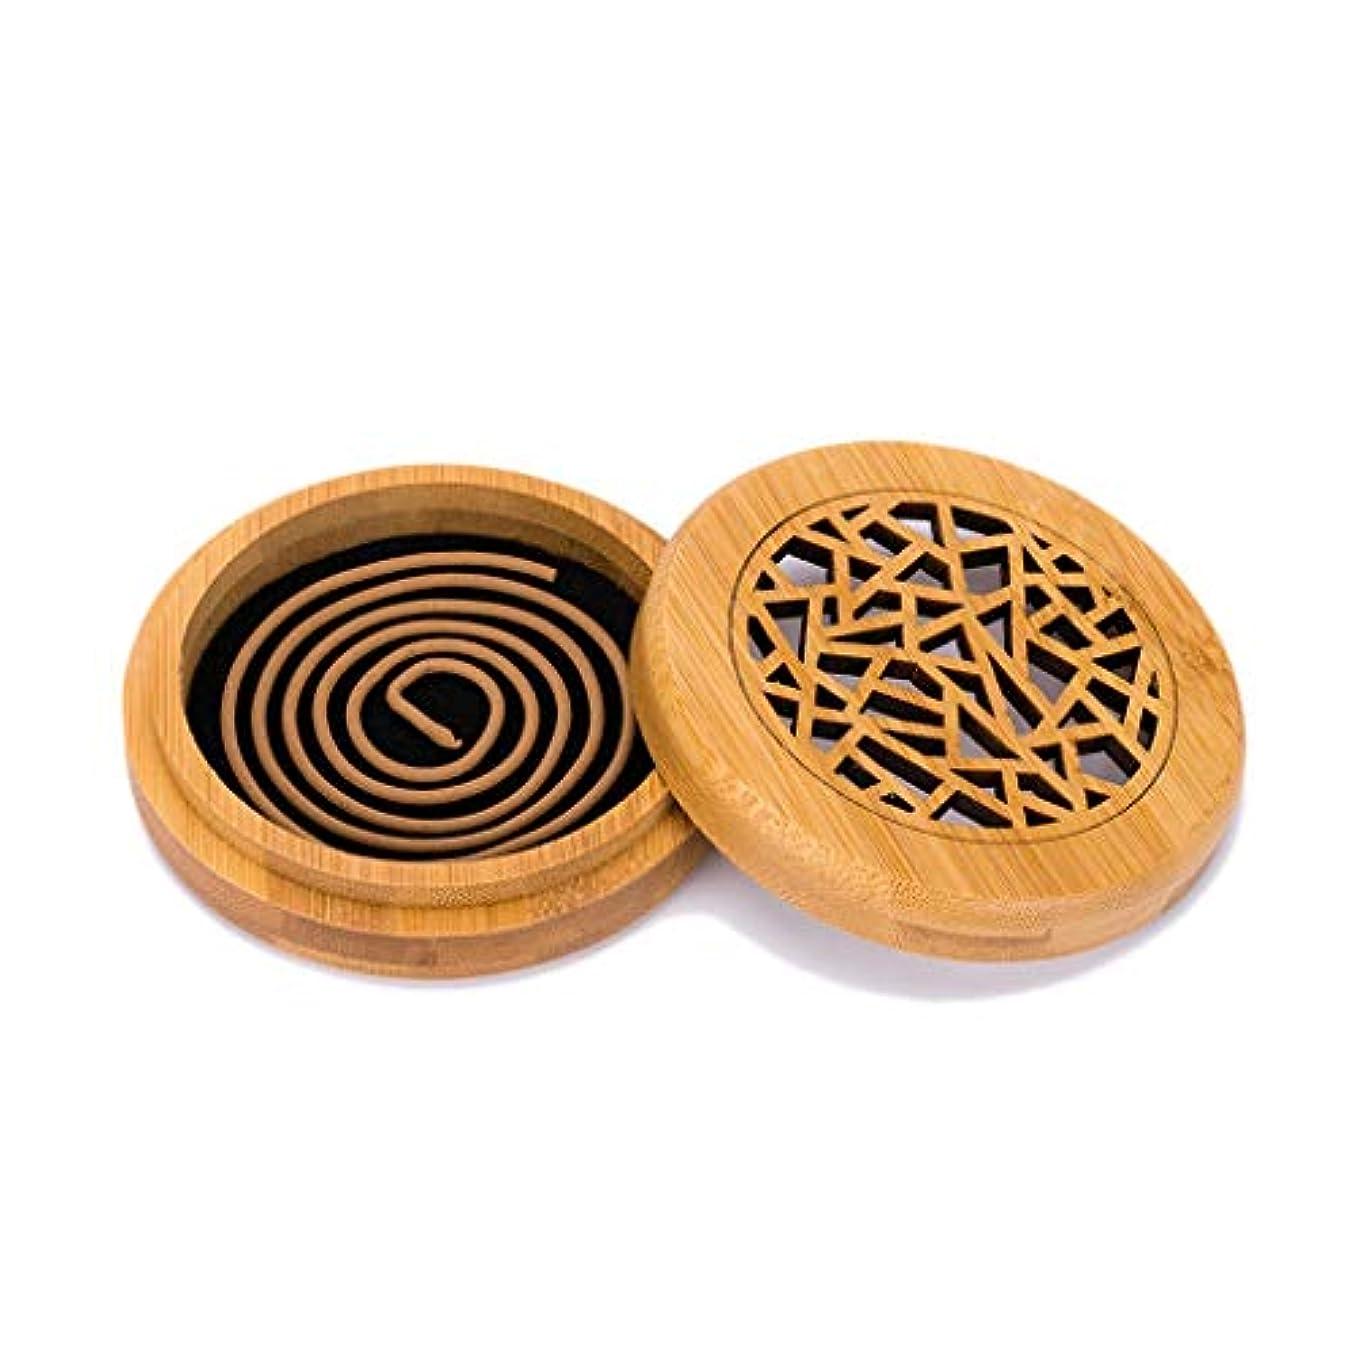 反毒分瞑想する竹の香バーナーコイルの香バーナー部屋の装飾瞑想竹の香り天然素材香ホルダー (Color : WOOD, サイズ : Round)